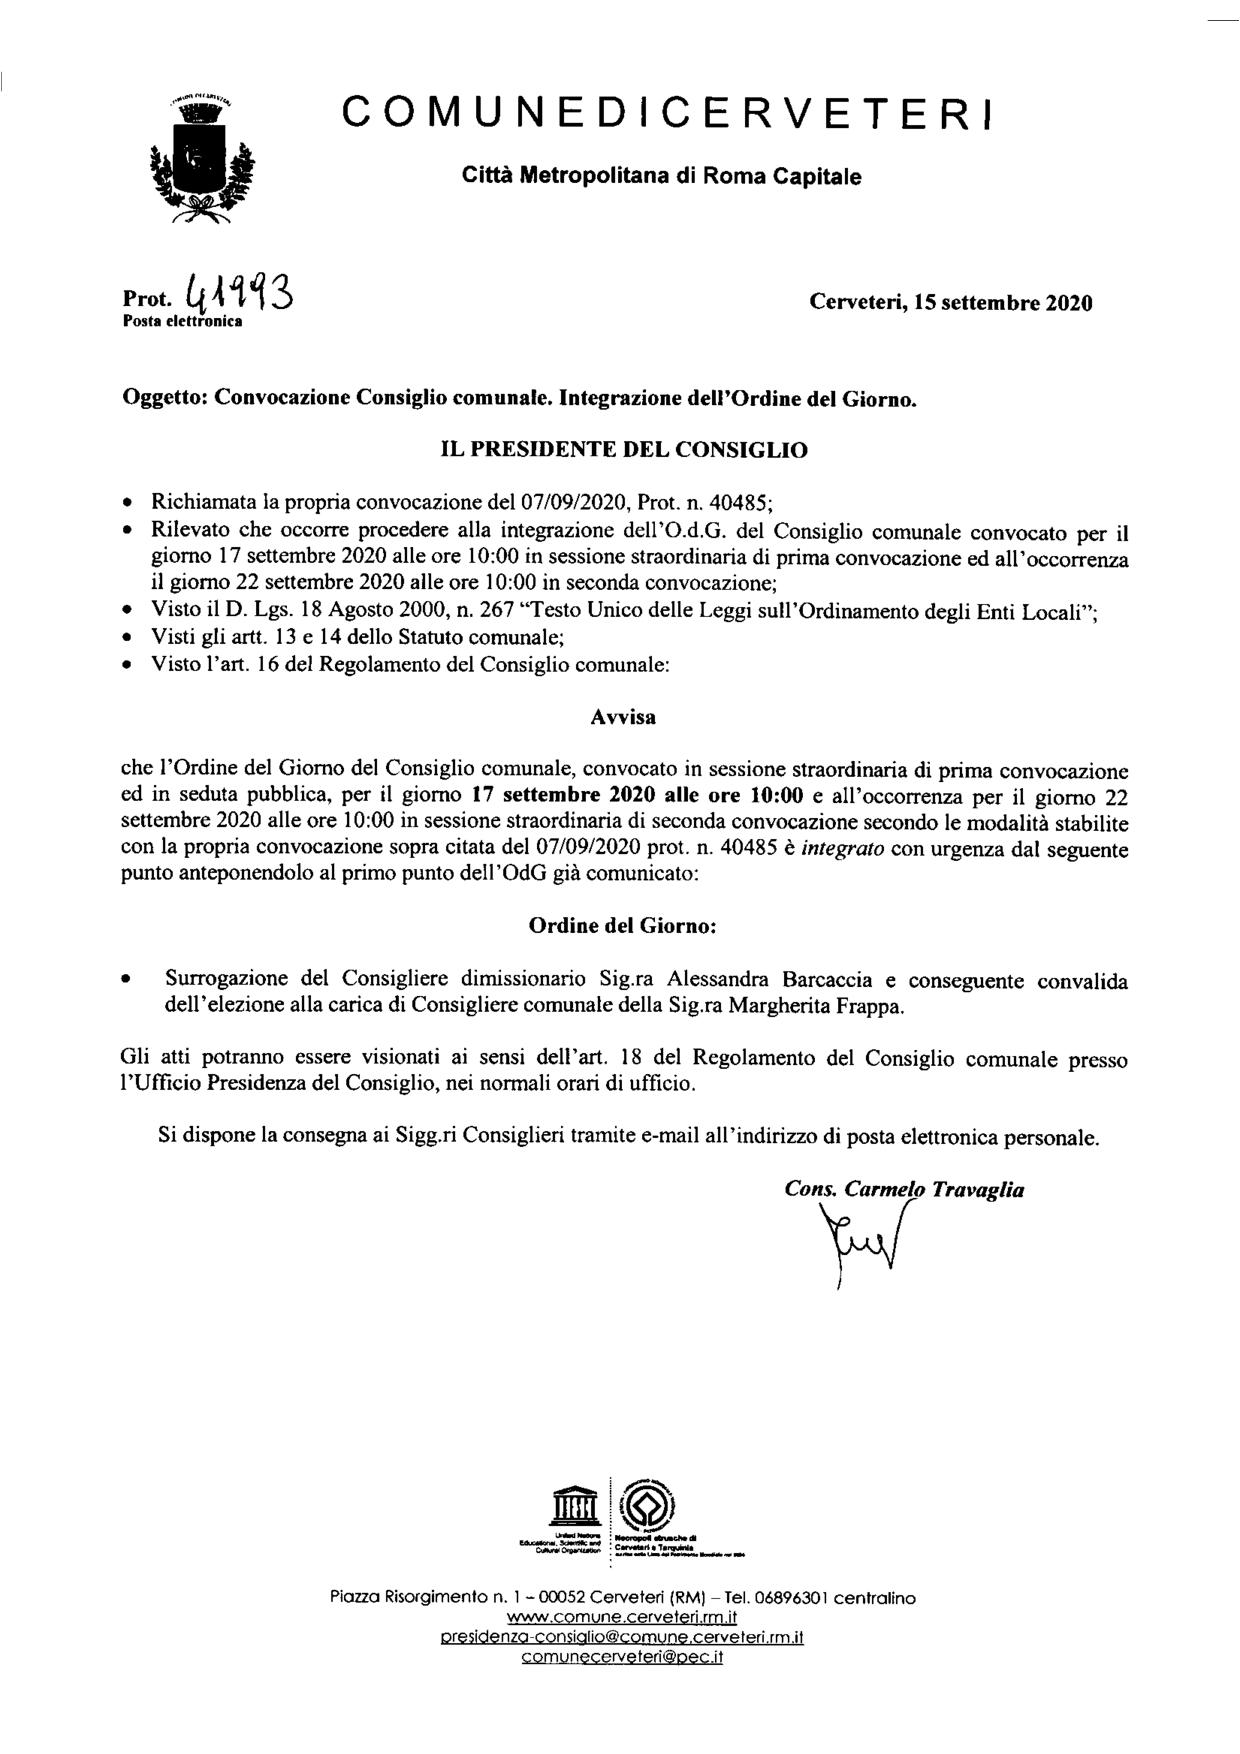 Integrazione Ordine del Giorno Consiglio Comunale del 17/09/2020